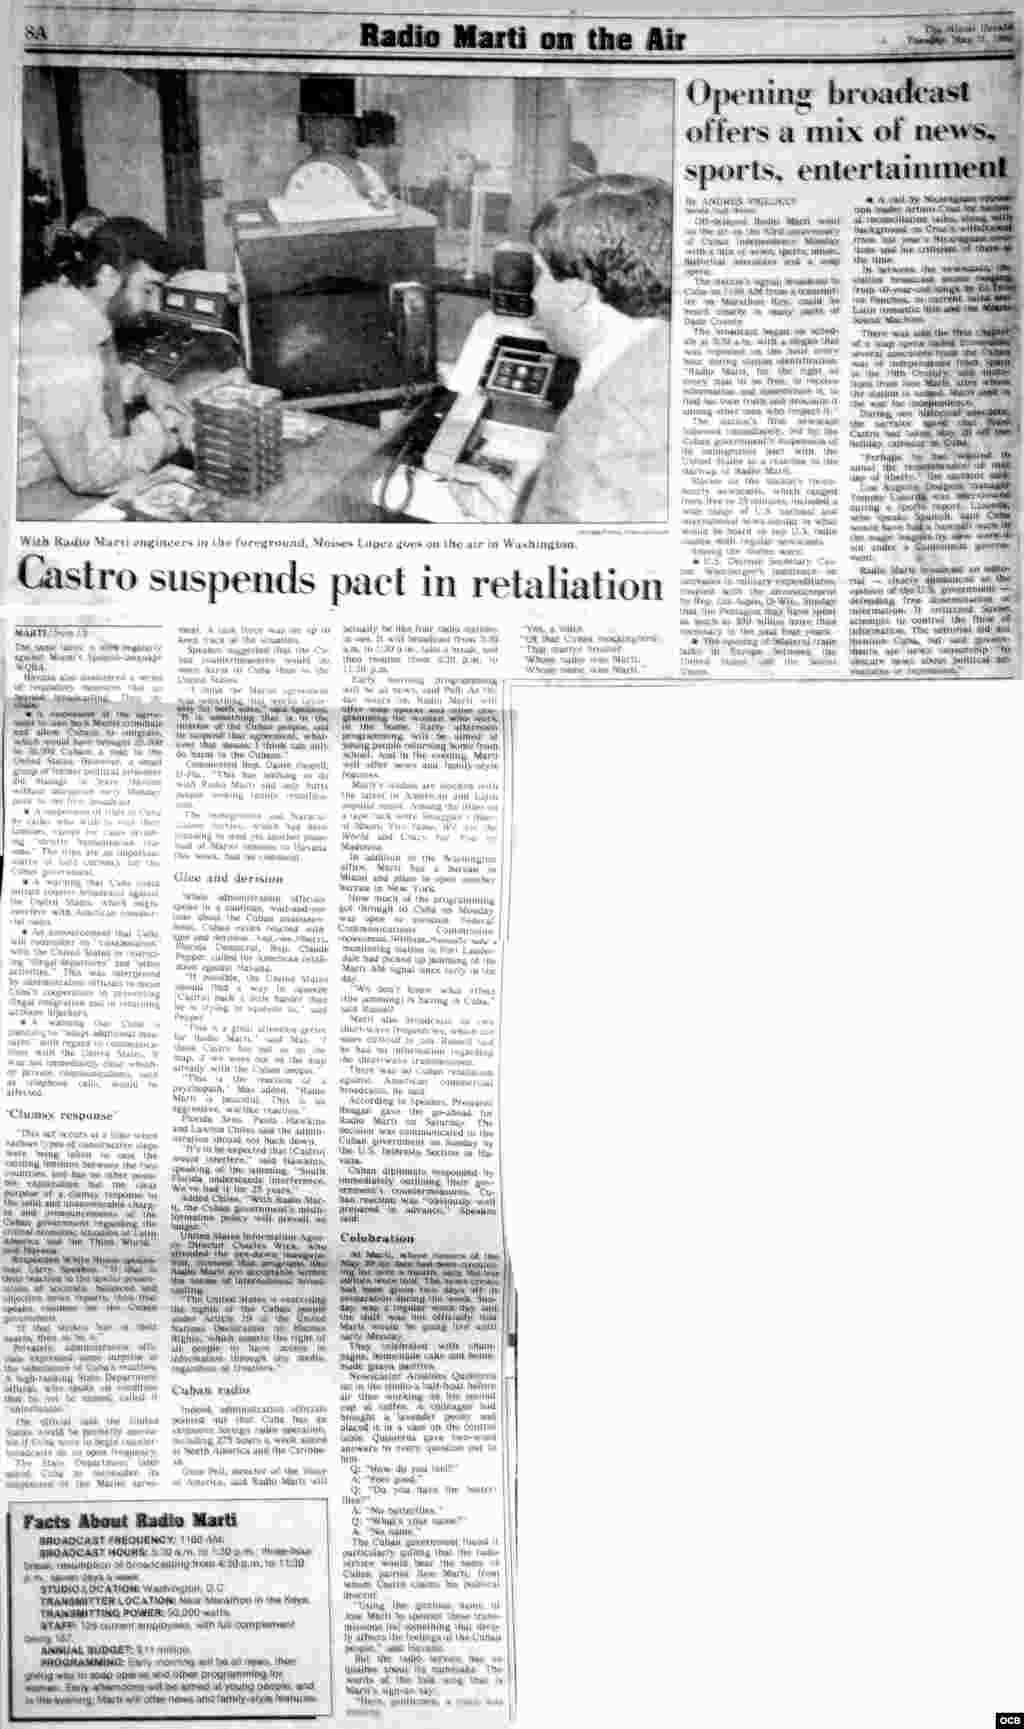 Radio Martí en el aire. The Miami Herald. Mayo 21, 1985.